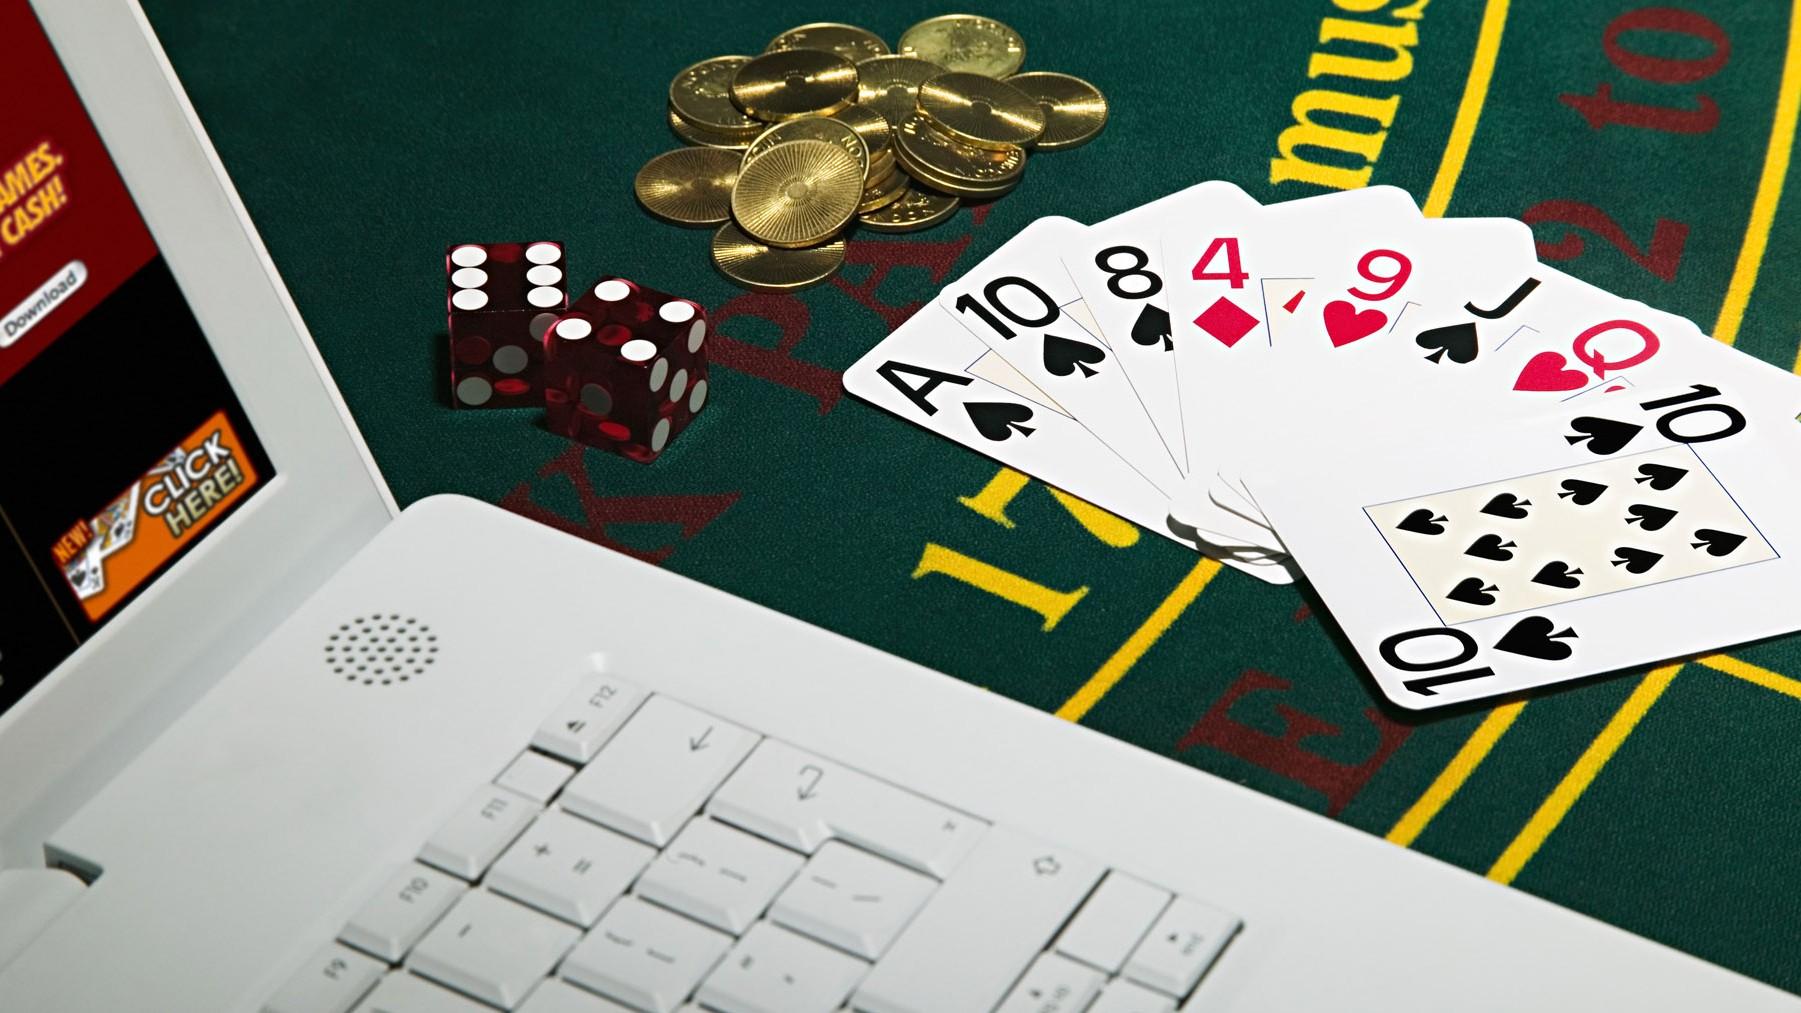 Кейс: оптимизация посадочных страниц и конверсионной воронки на примере платформы казино YourBet